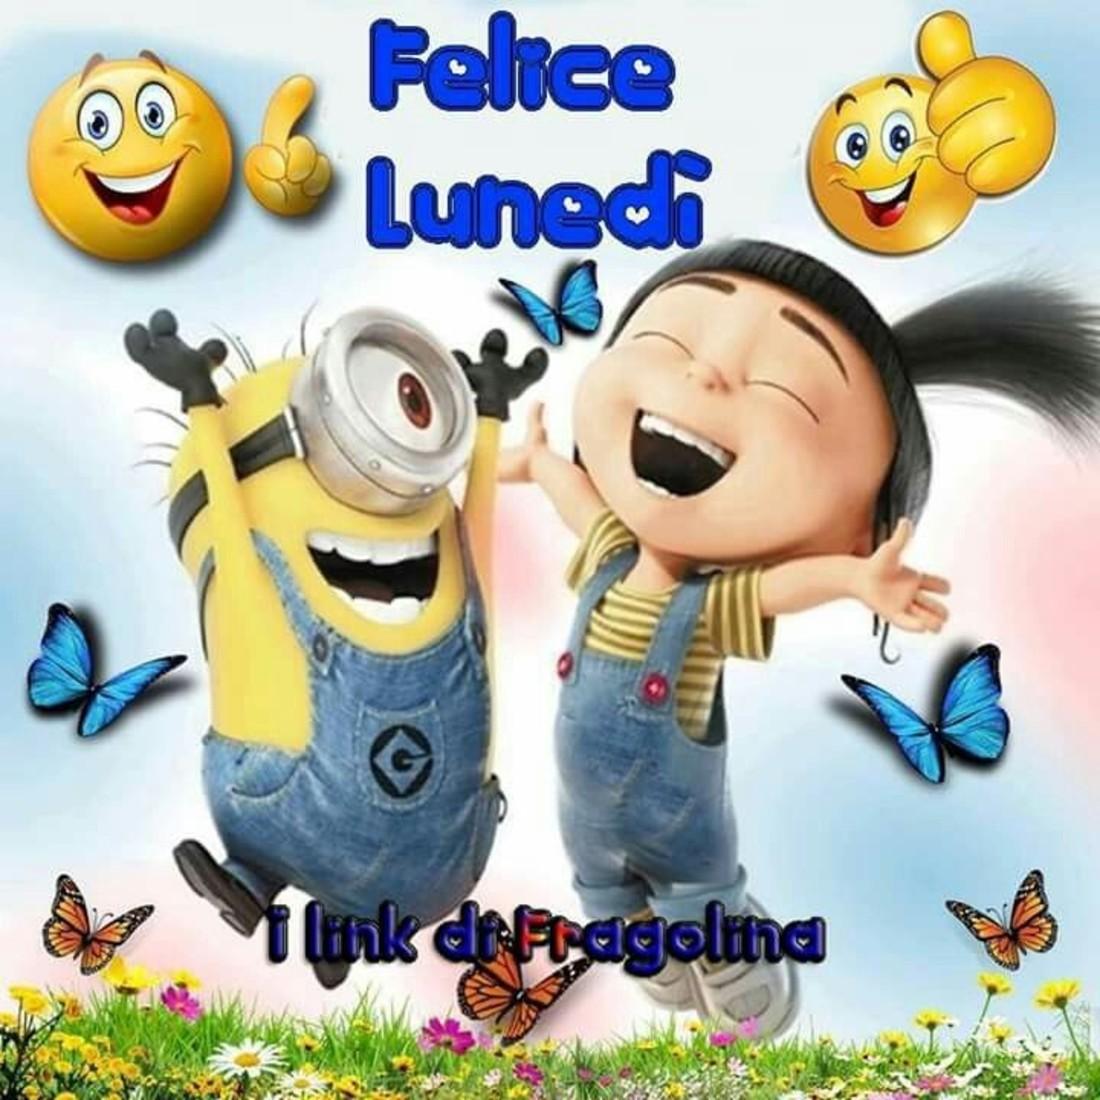 Buongiorno Immagini Buon Lunedi Minions